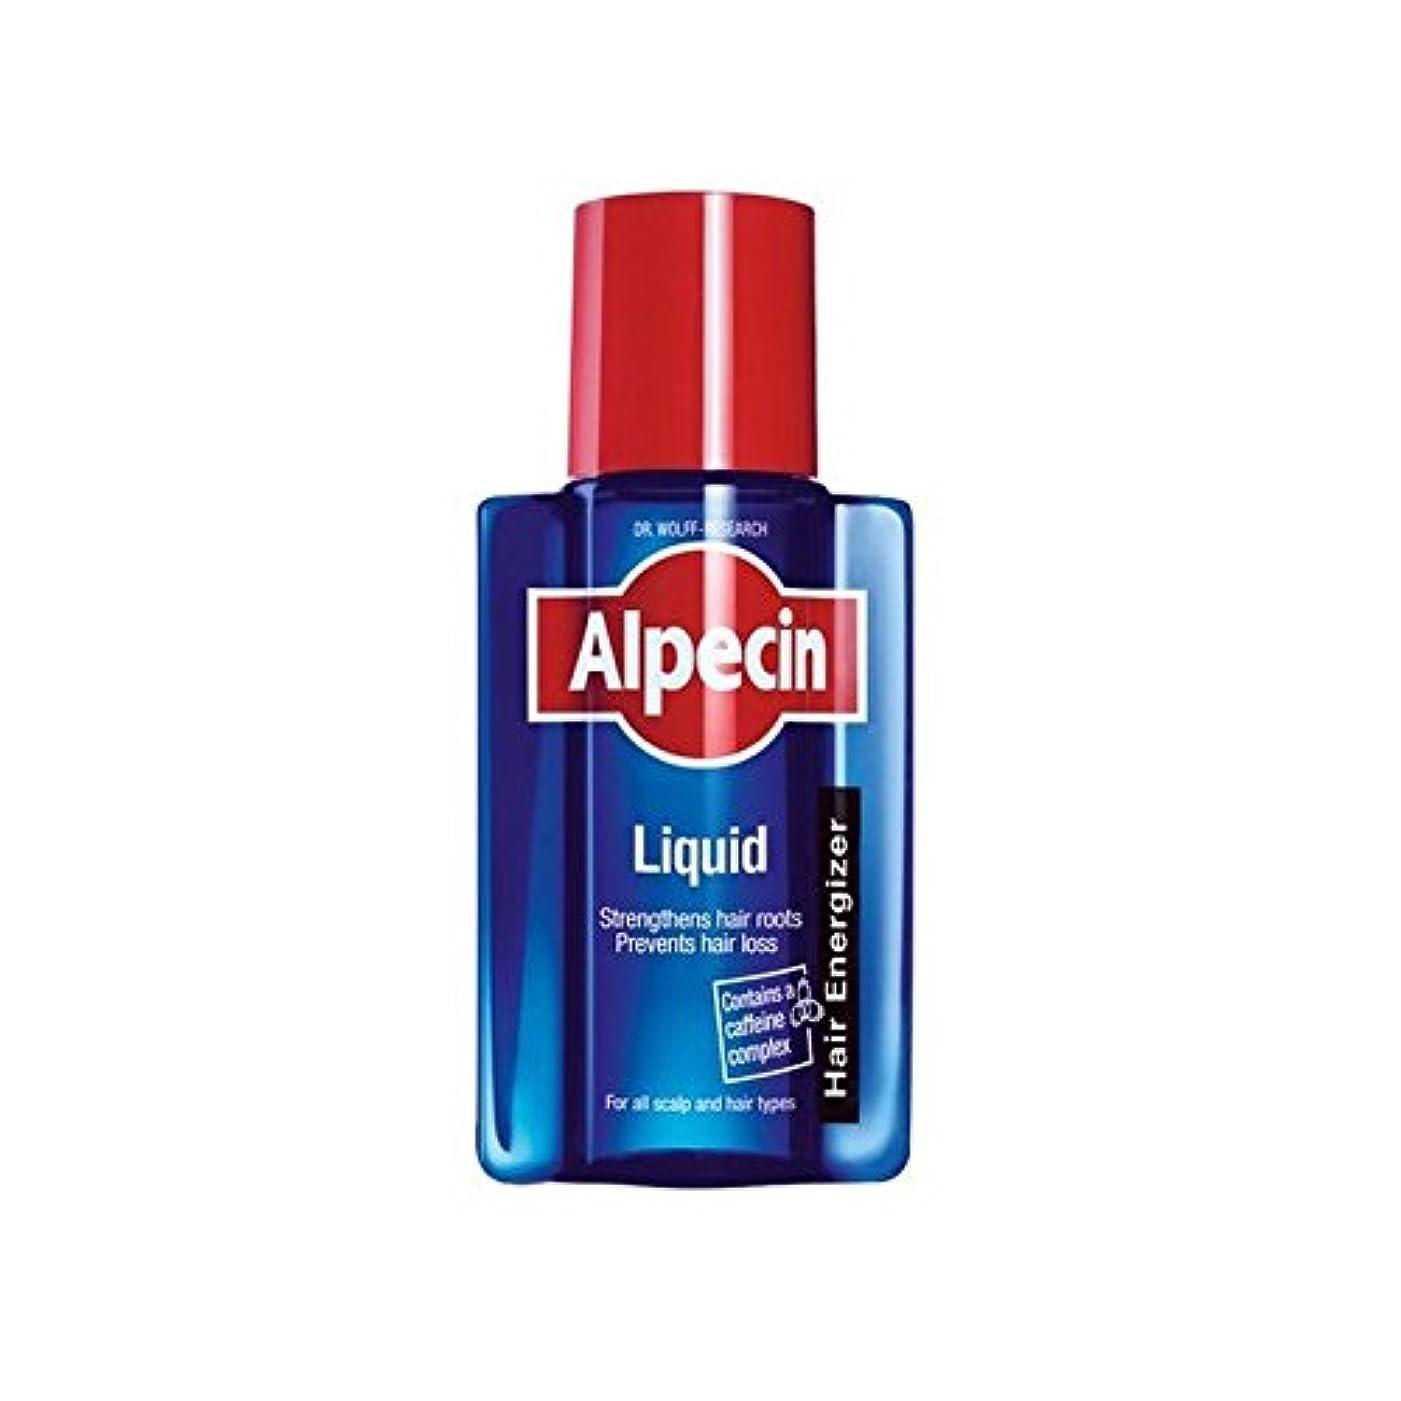 魚敵むしゃむしゃ液体(200)中 x4 - Alpecin Liquid (200ml) (Pack of 4) [並行輸入品]